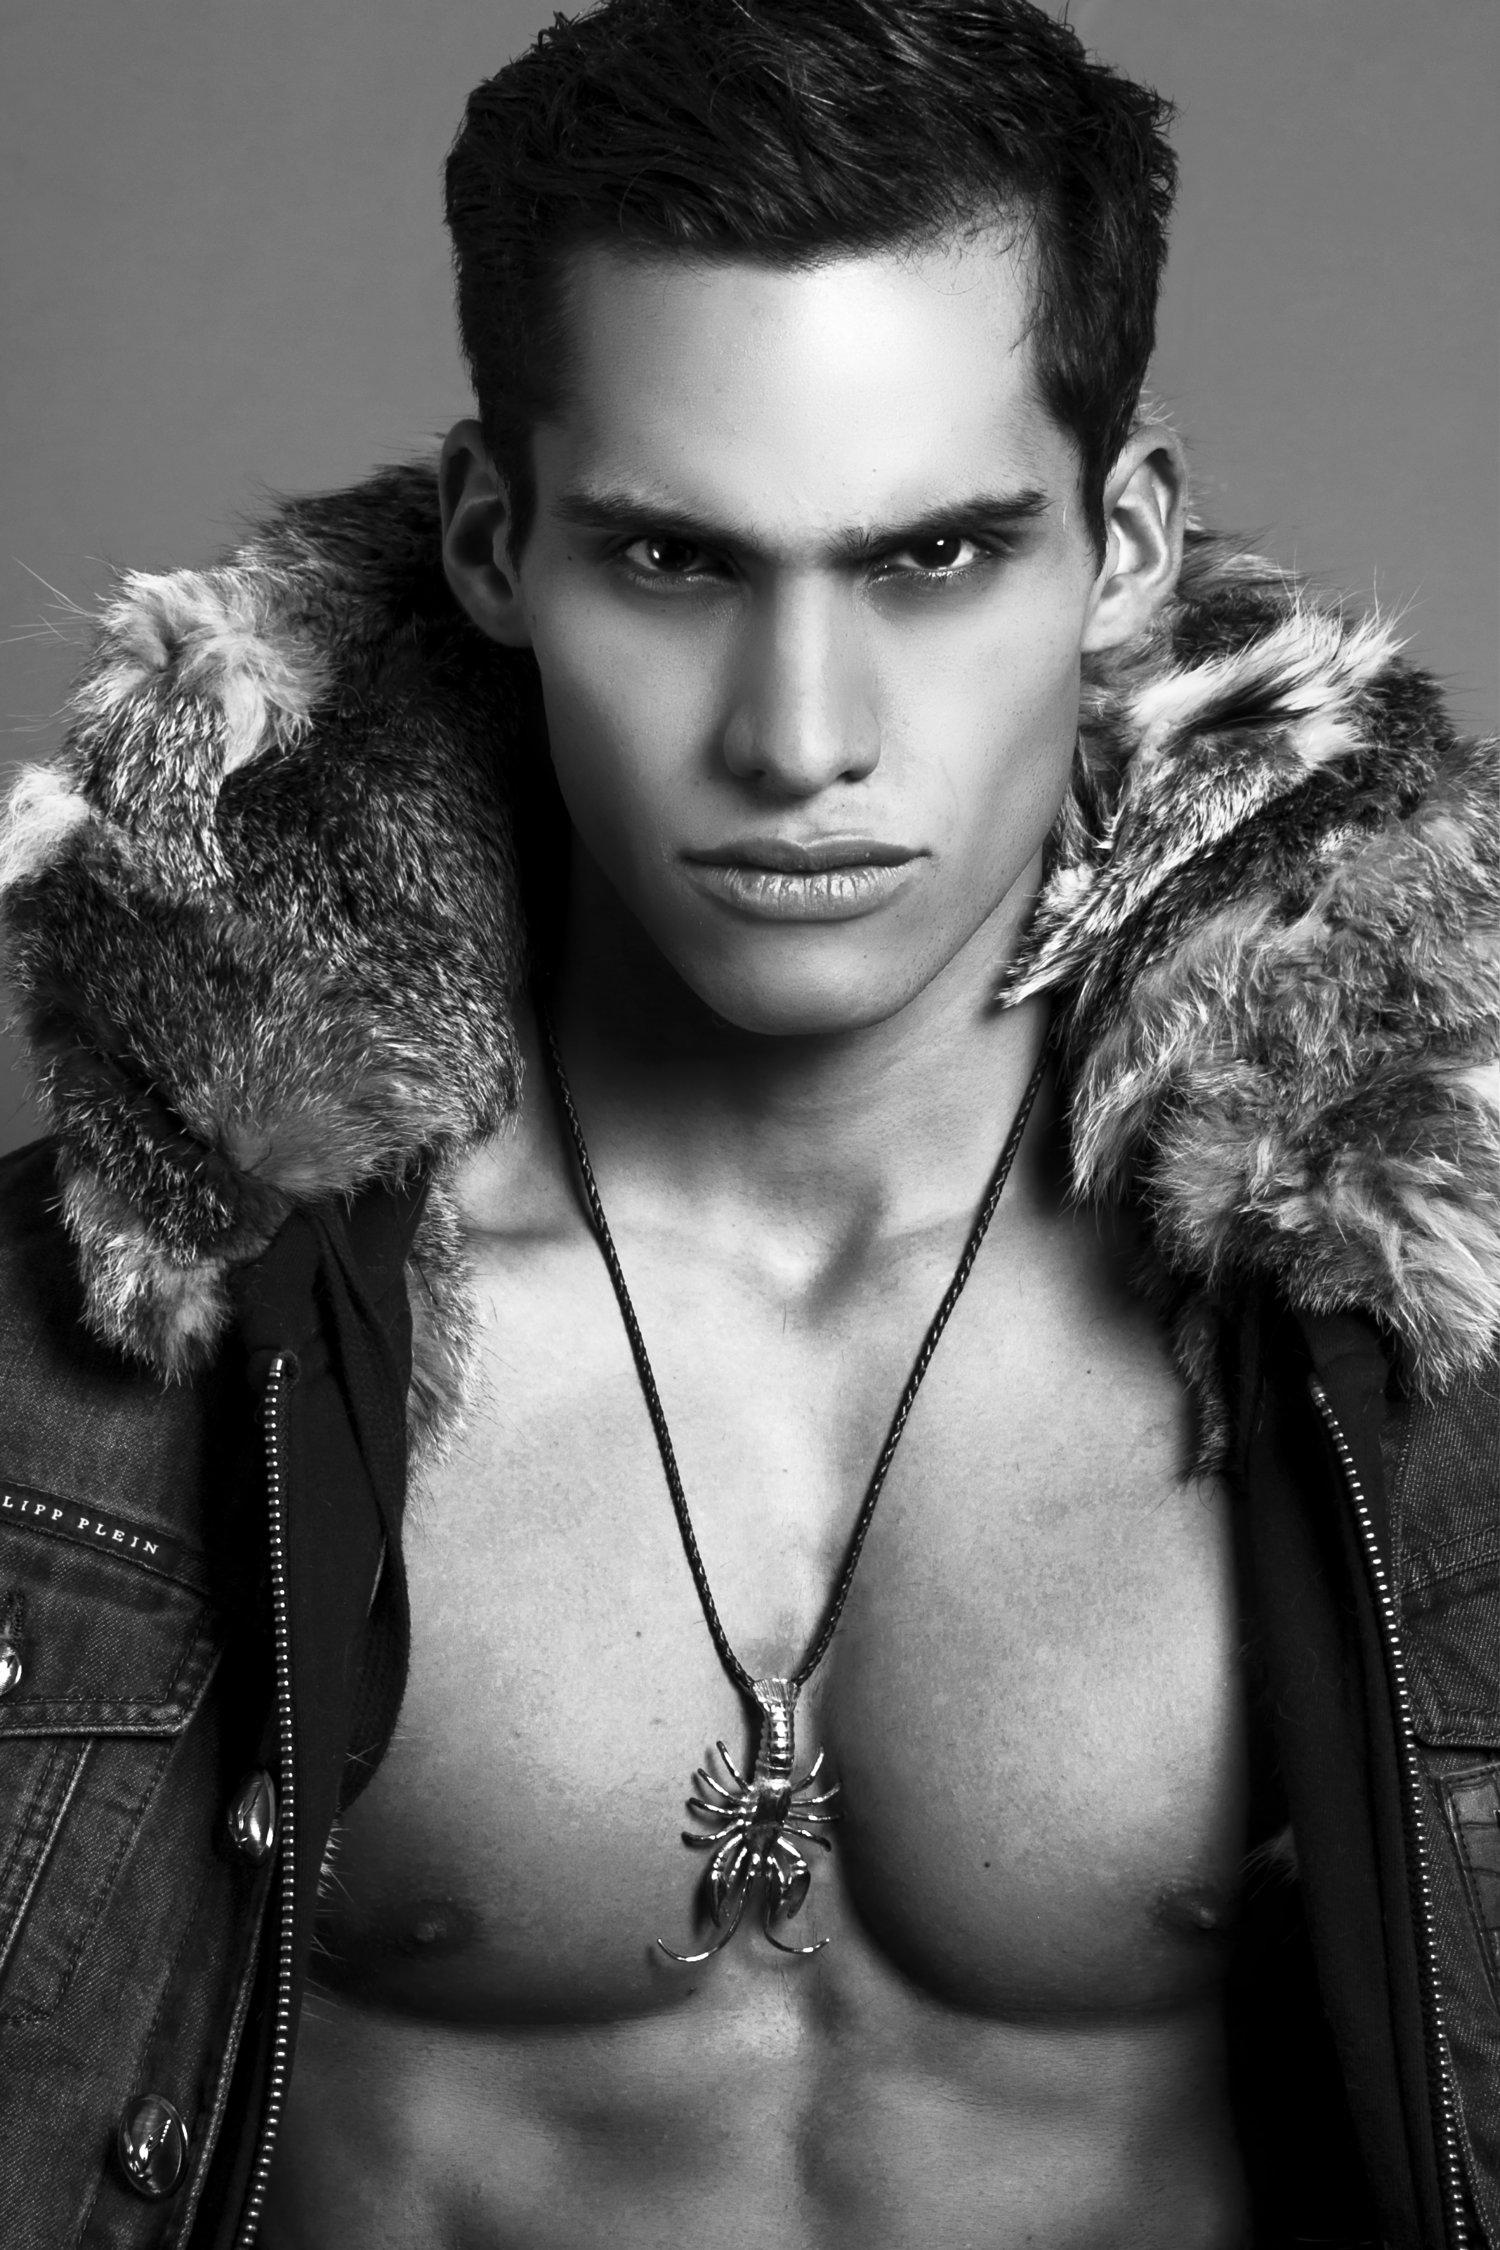 Adon Exclusive: Model Marvin Cortes By Balthier Corfi